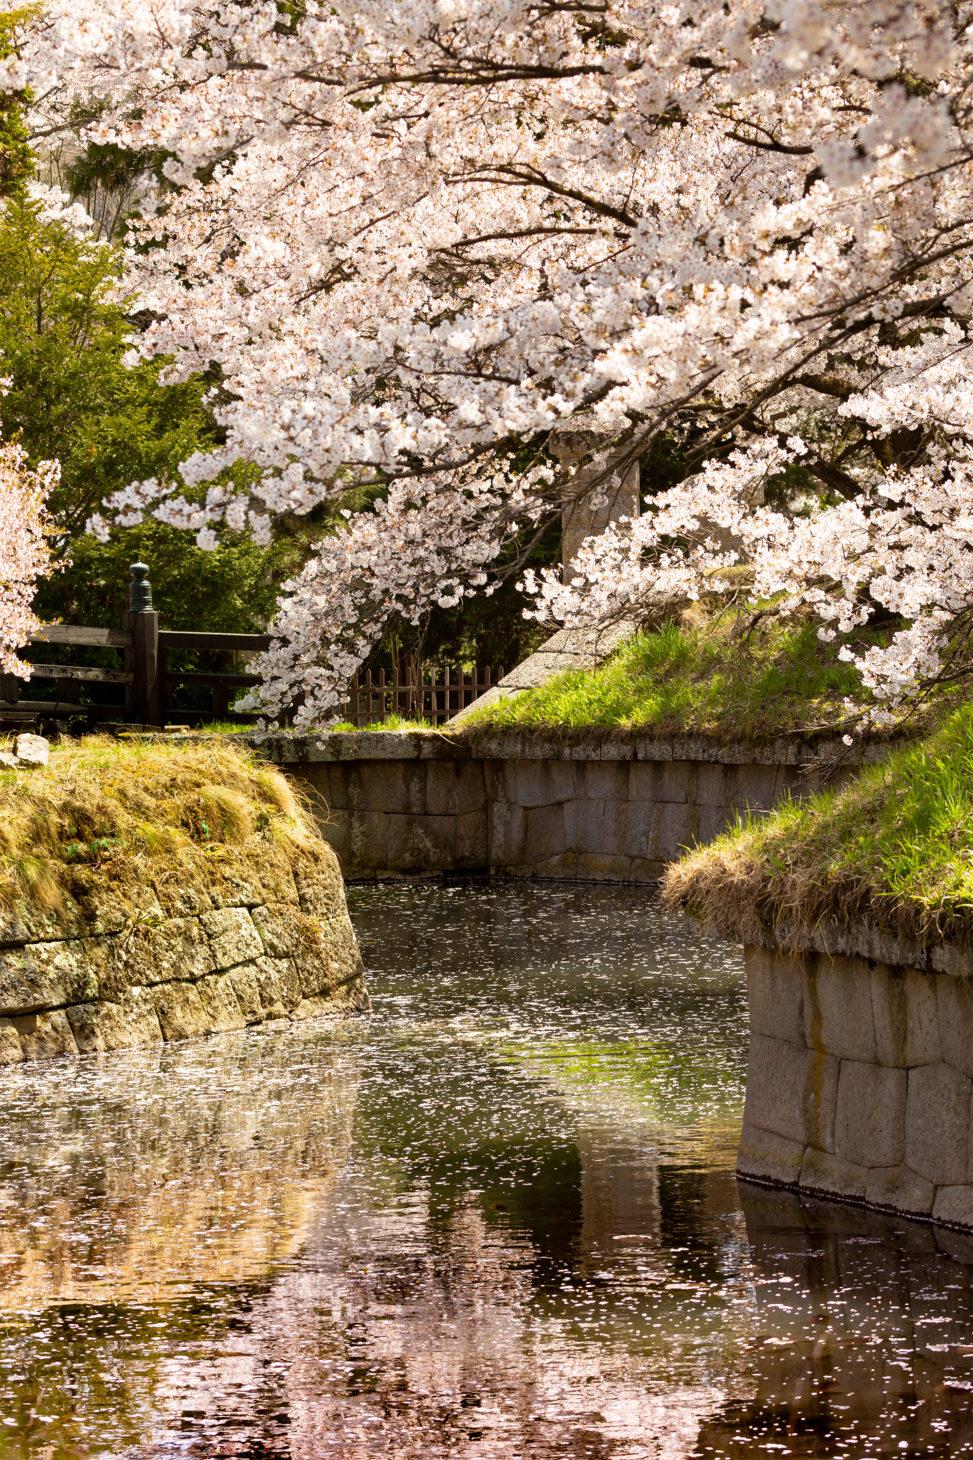 桜と水面の散り花のフリー写真素材